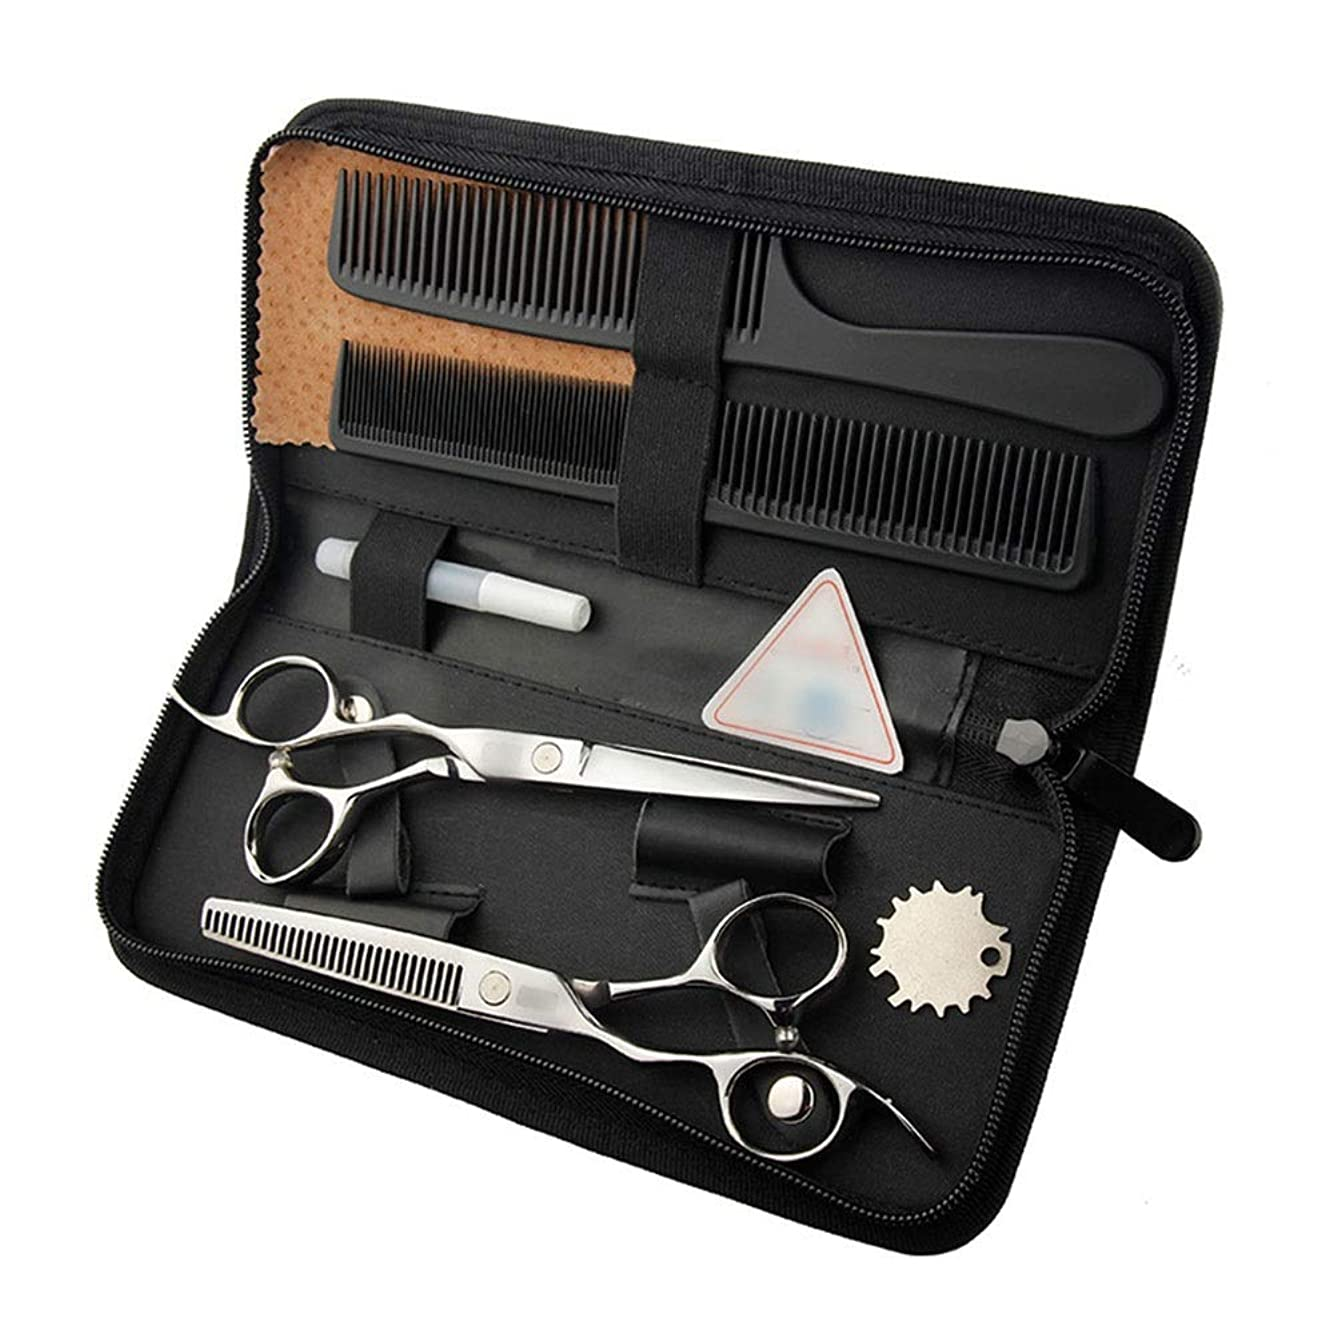 志す減少謙虚6インチ美容院プロのヘアカットフラットシザー+歯シザー モデリングツール (色 : Silver)